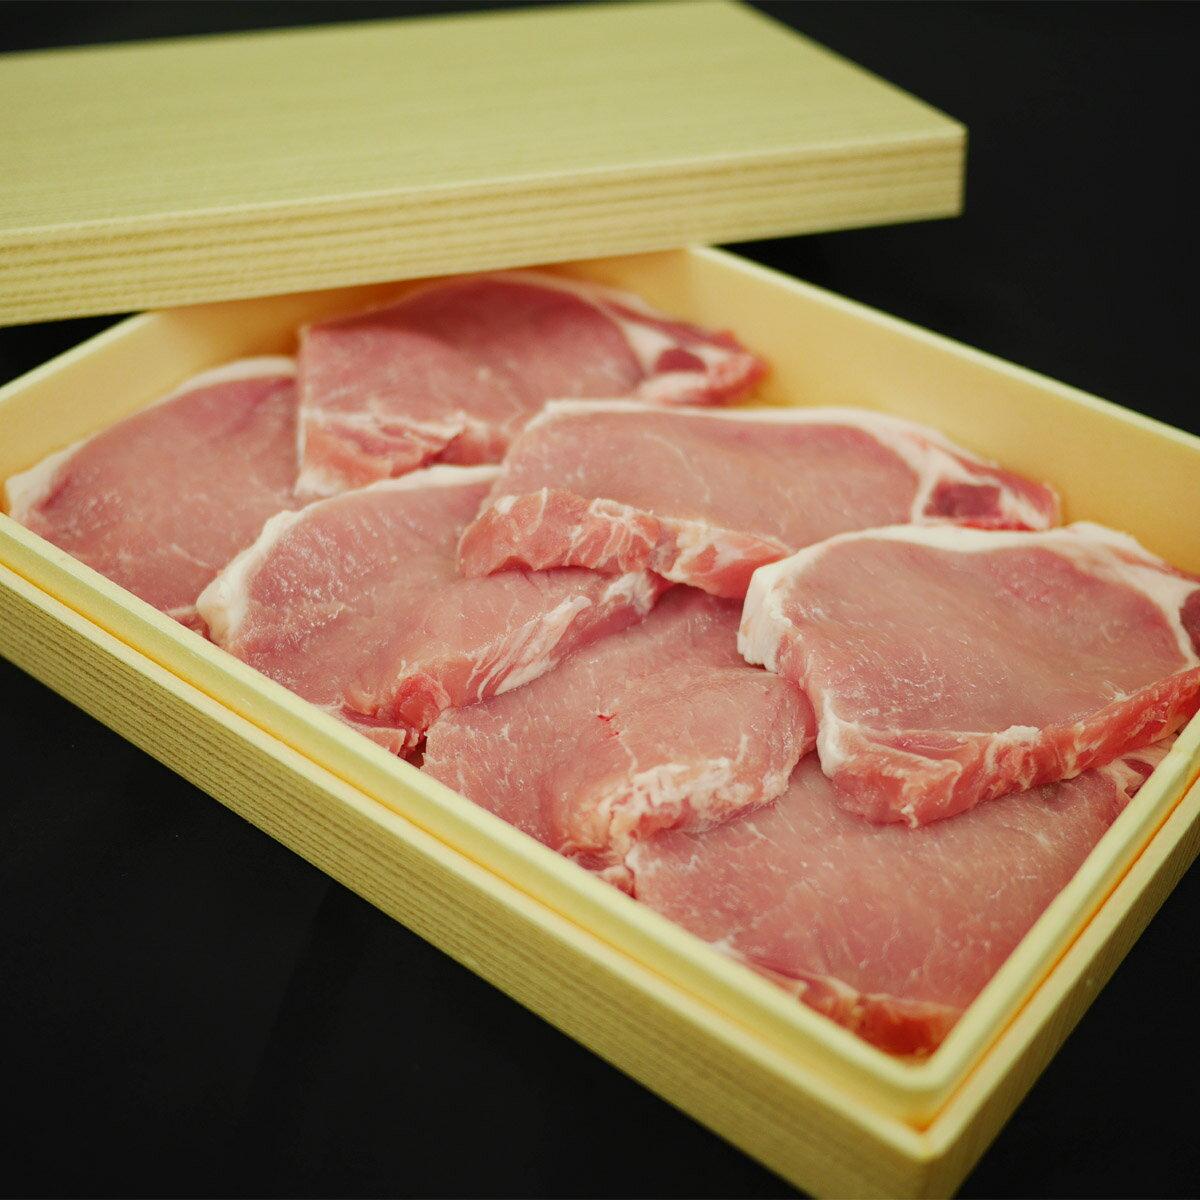 【ふるさと納税】能登豚ローステキカツ 100g×7枚 ※着日指定不可 肉 豚肉 冷蔵配送